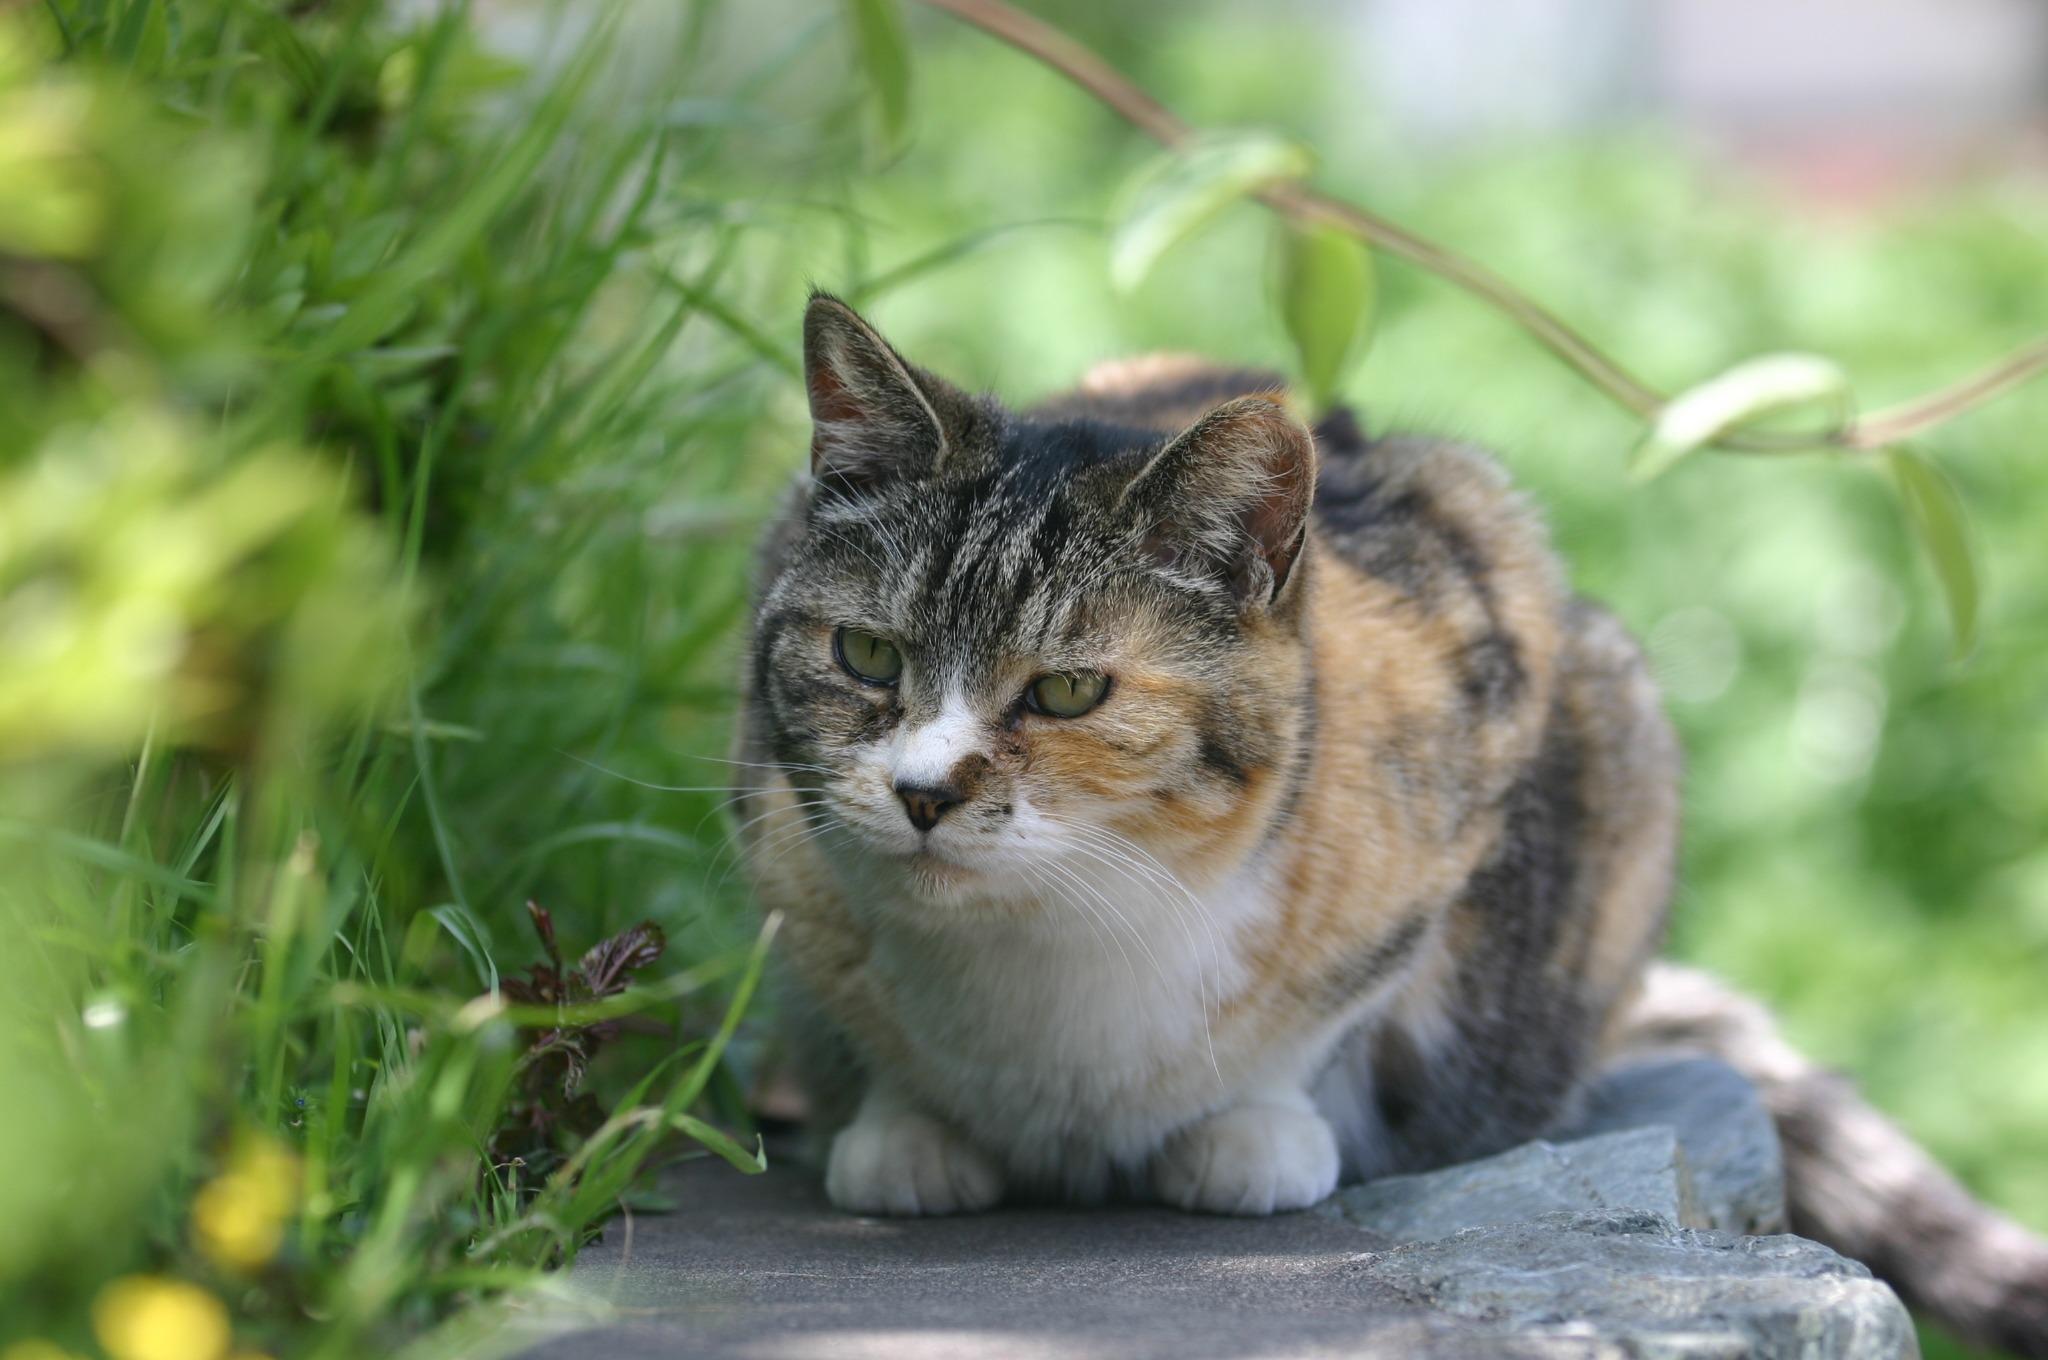 猫さん、正面から失礼します